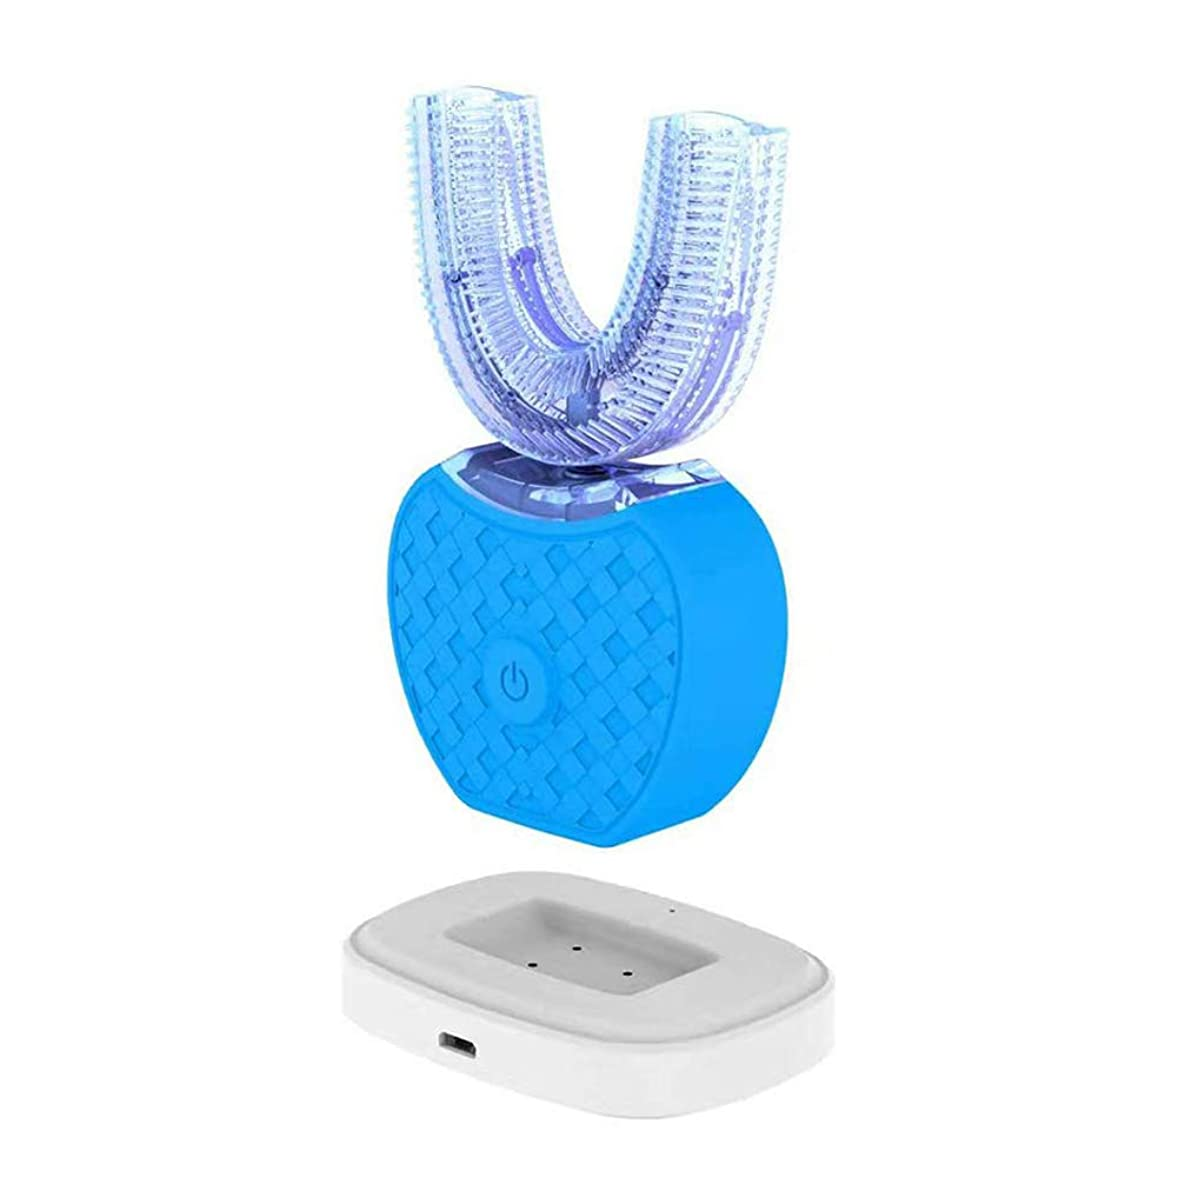 インゲン植物の控えるU型電動歯ブラシ 360°オールラウンドクリーニングホワイトニングマウスクリーナー充電式Blau